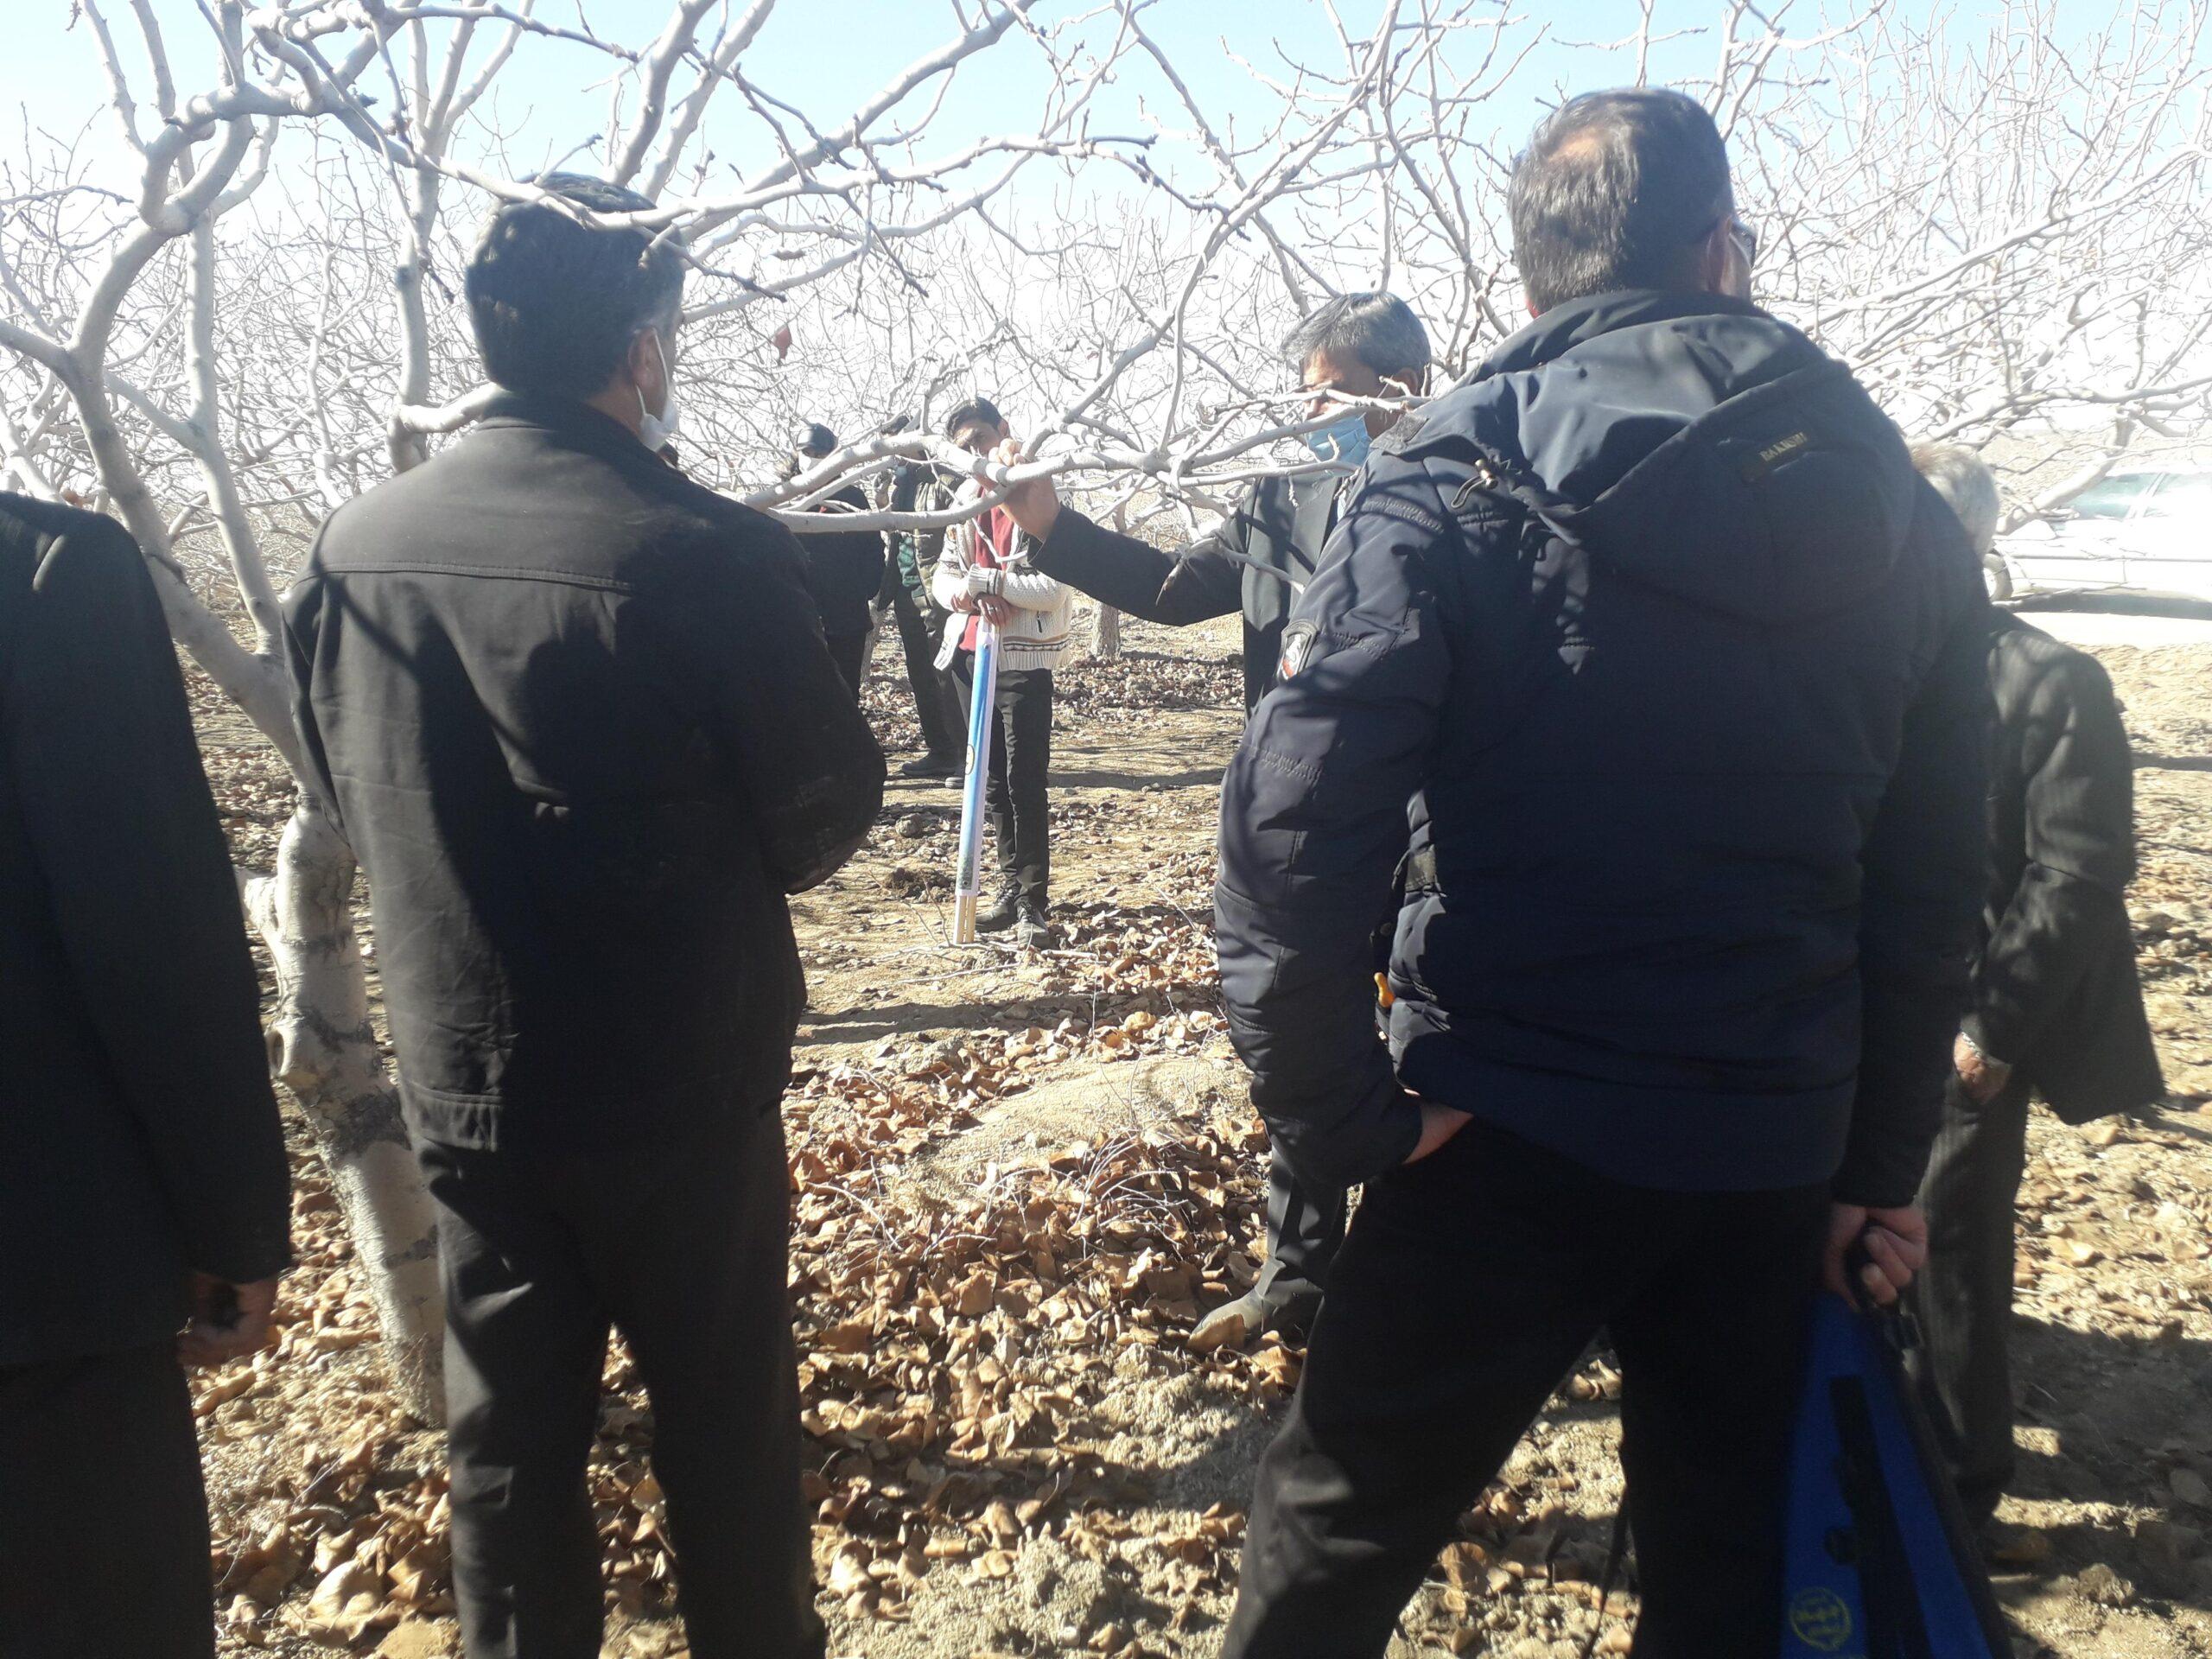 برگزاری کارگاه آموزشی هرس و تغذیه درختان پسته در تربت حیدریه